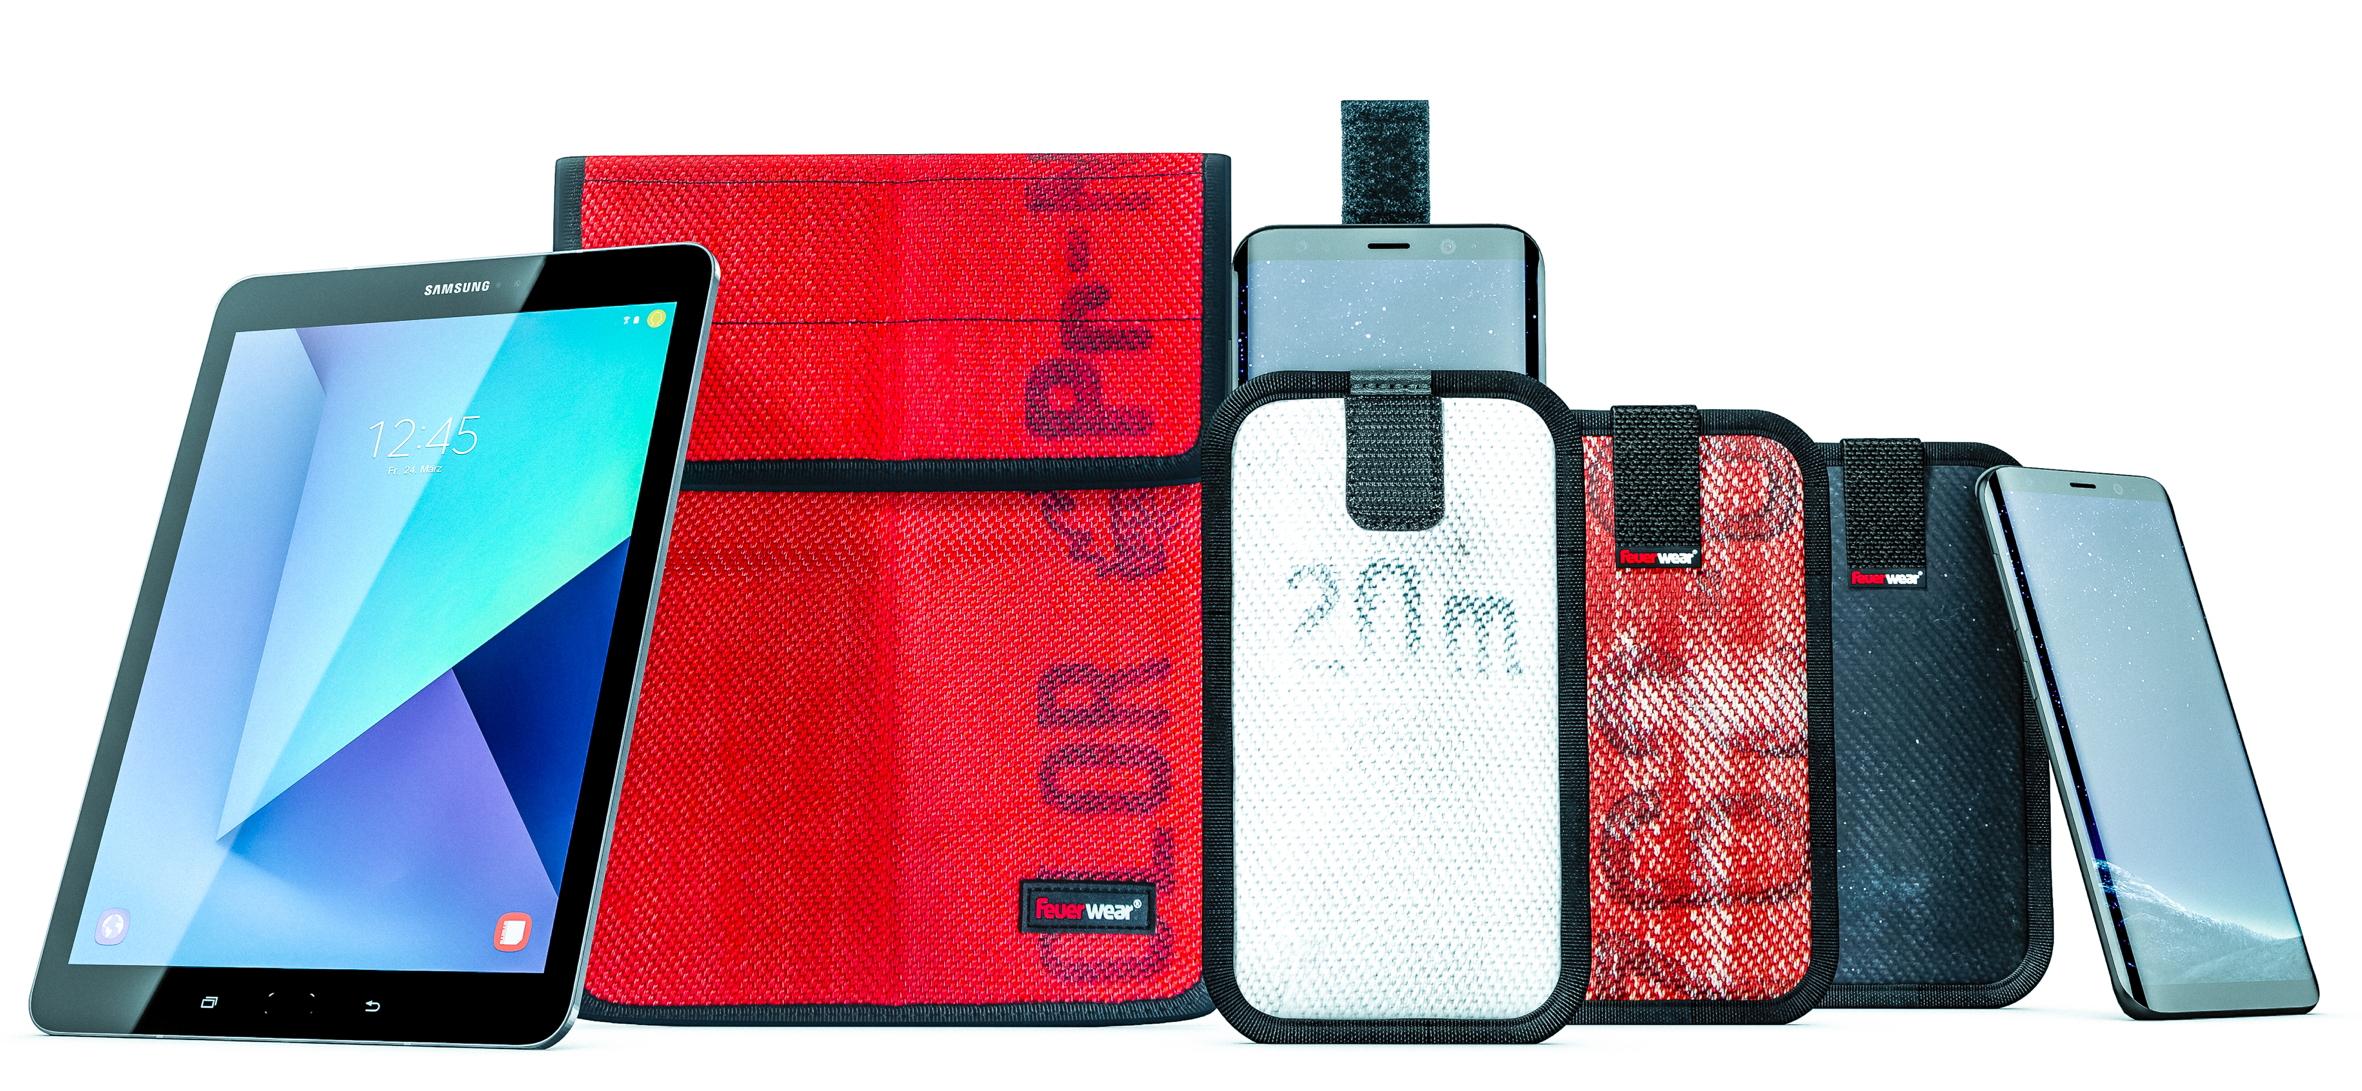 Feuerwear Rob 2 und Mitch für das Samsung Galaxy S8 Smartphone und das Galaxy Tab S3